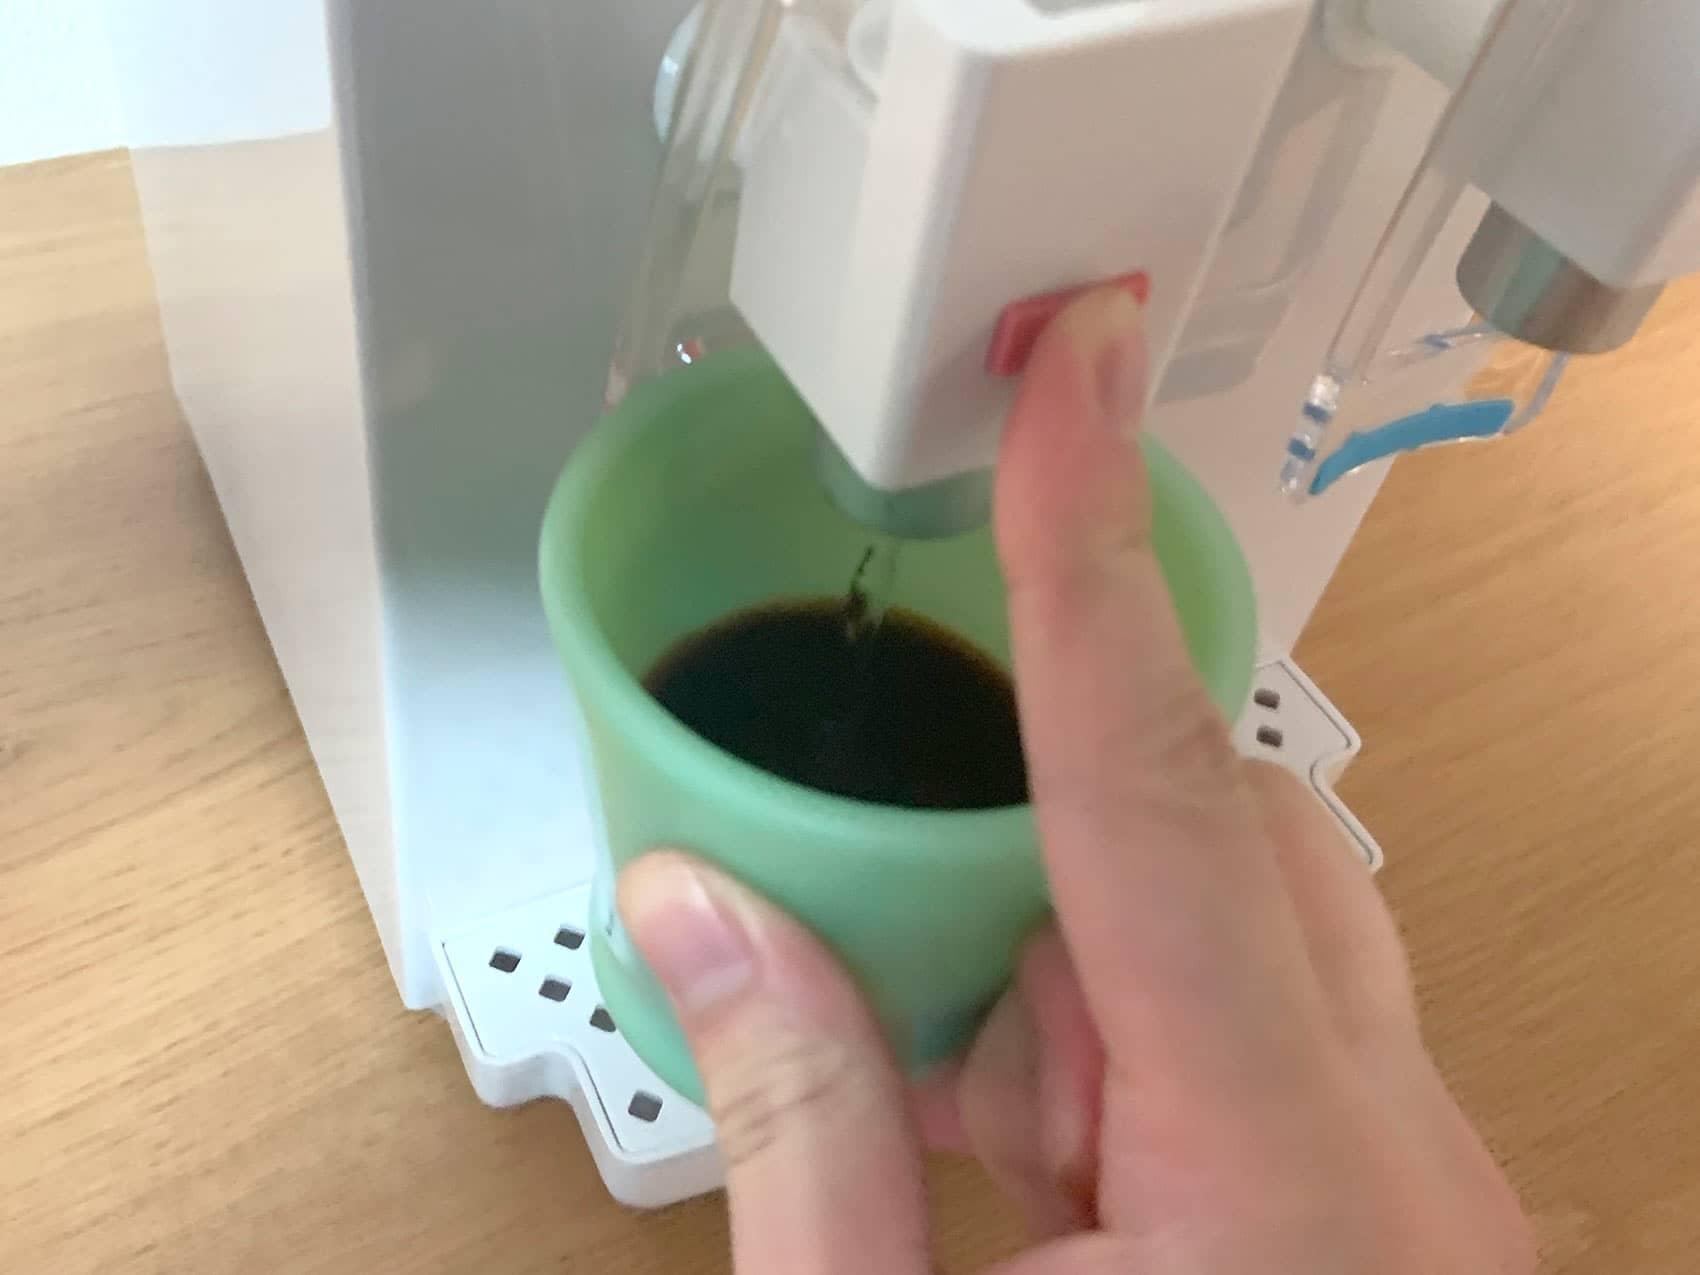 「AQUACUBE2」の温水をマグカップに注いでいるところ